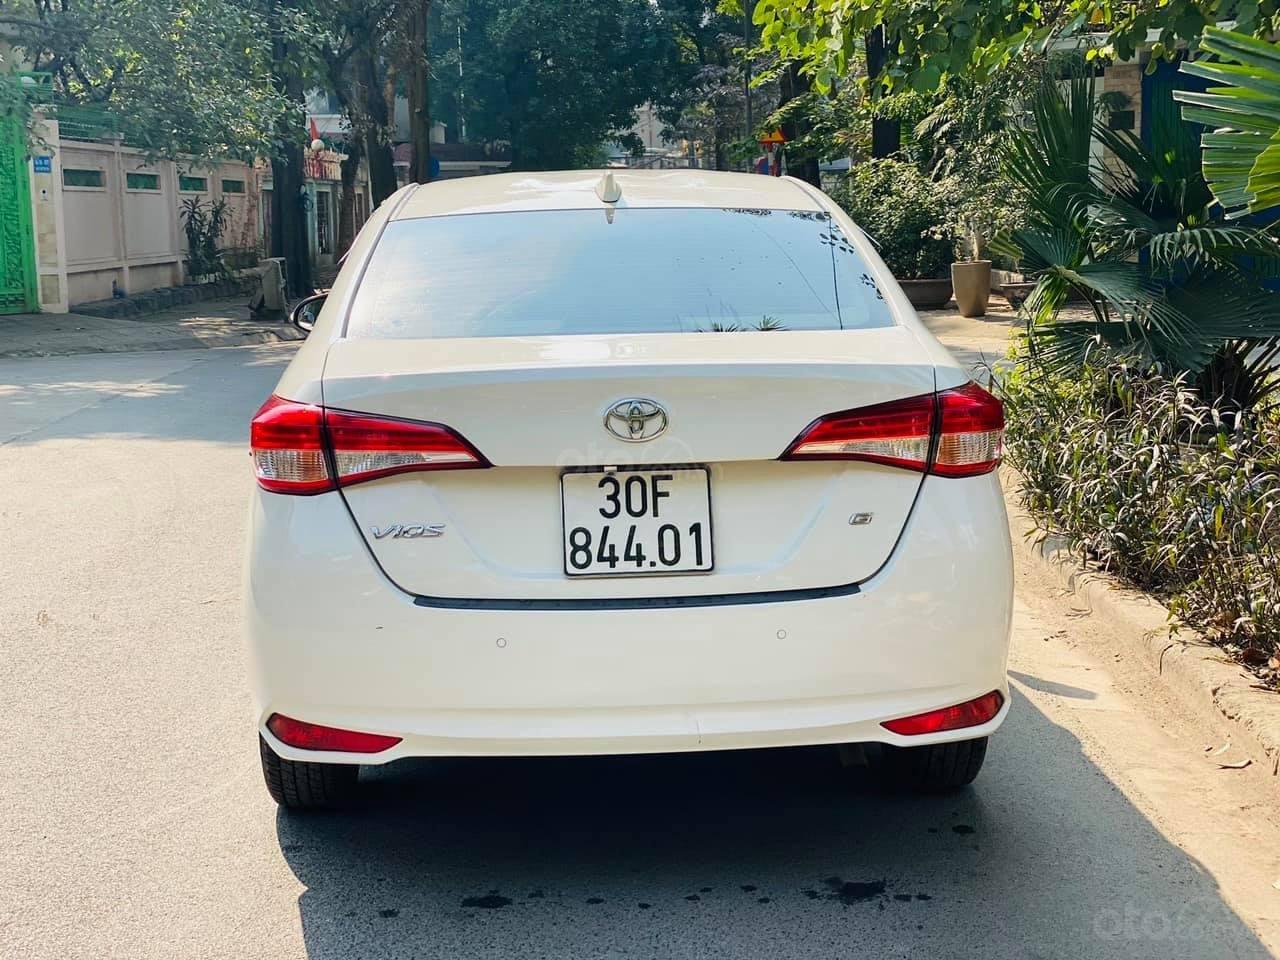 Cần bán Toyota Vios 1.5G đời 2019, màu trắng, chỉ trả 30% là có xe ngay (5)